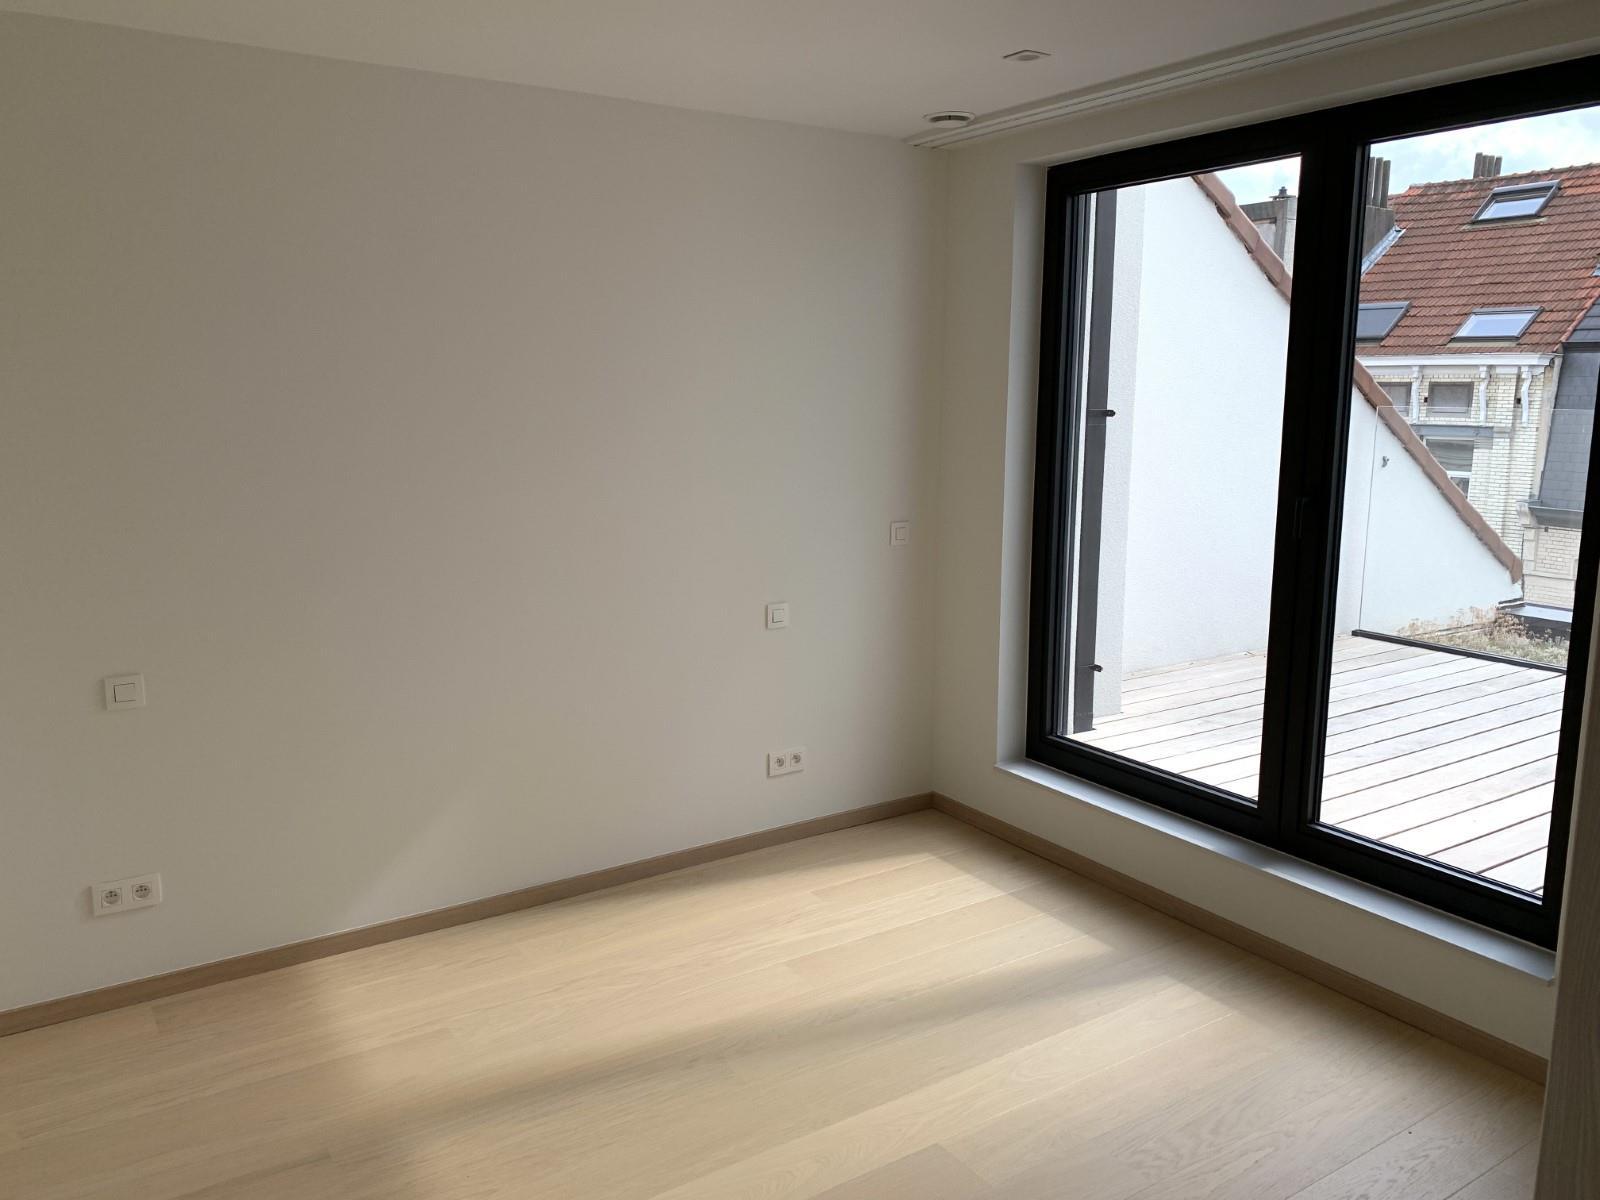 Appartement exceptionnel - Ixelles - #3929606-3